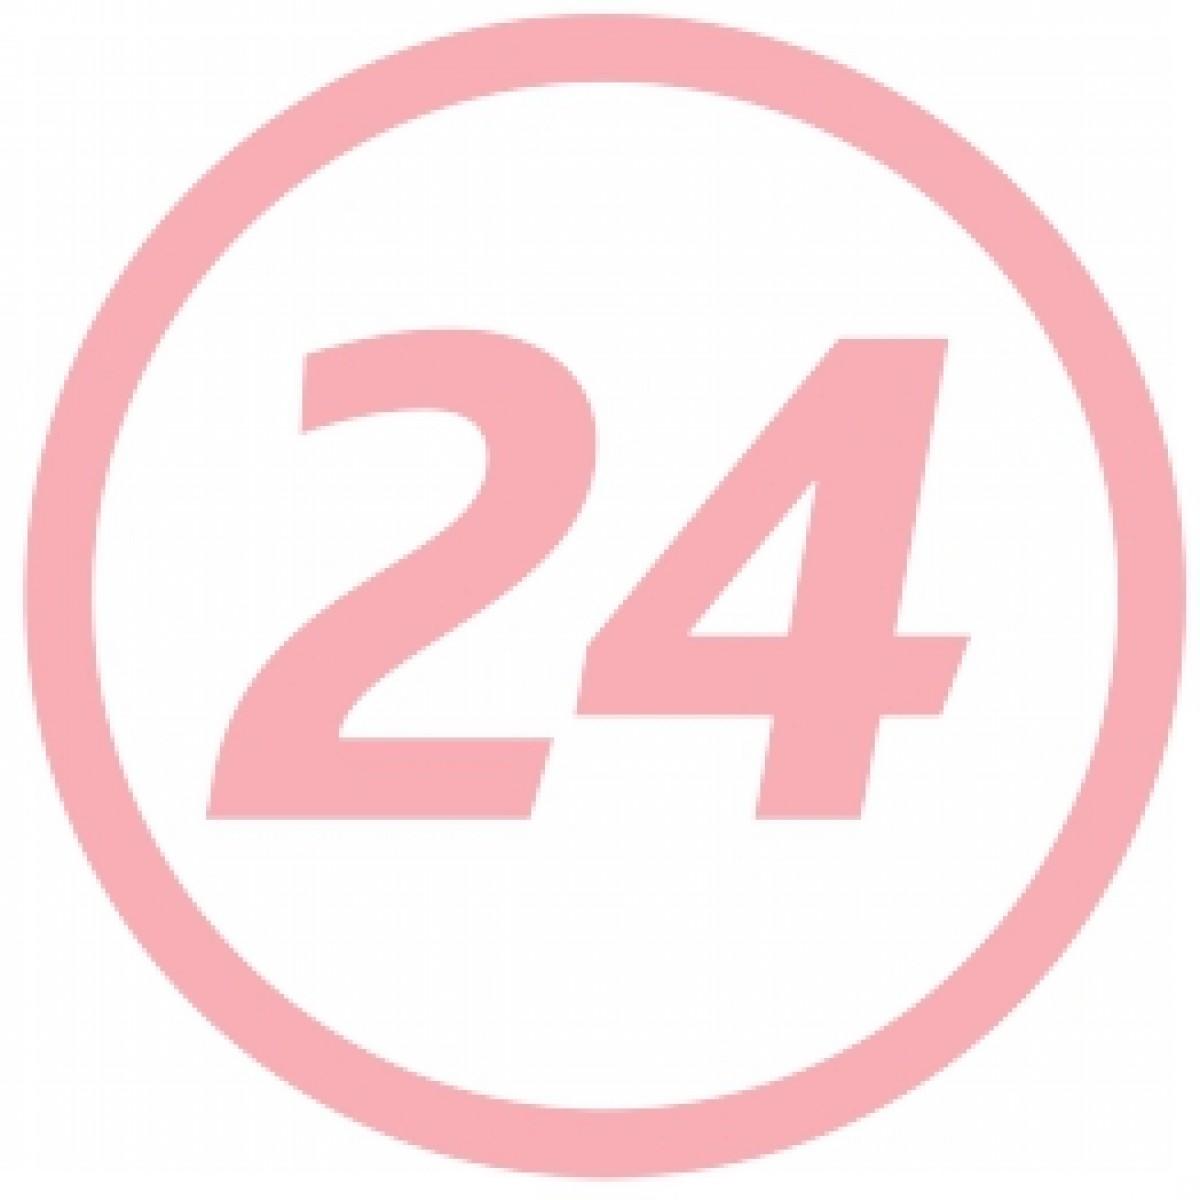 MoliMed M Tampoane Pentru Incontinenta Urinara La Barbati, Tampoane, 14buc